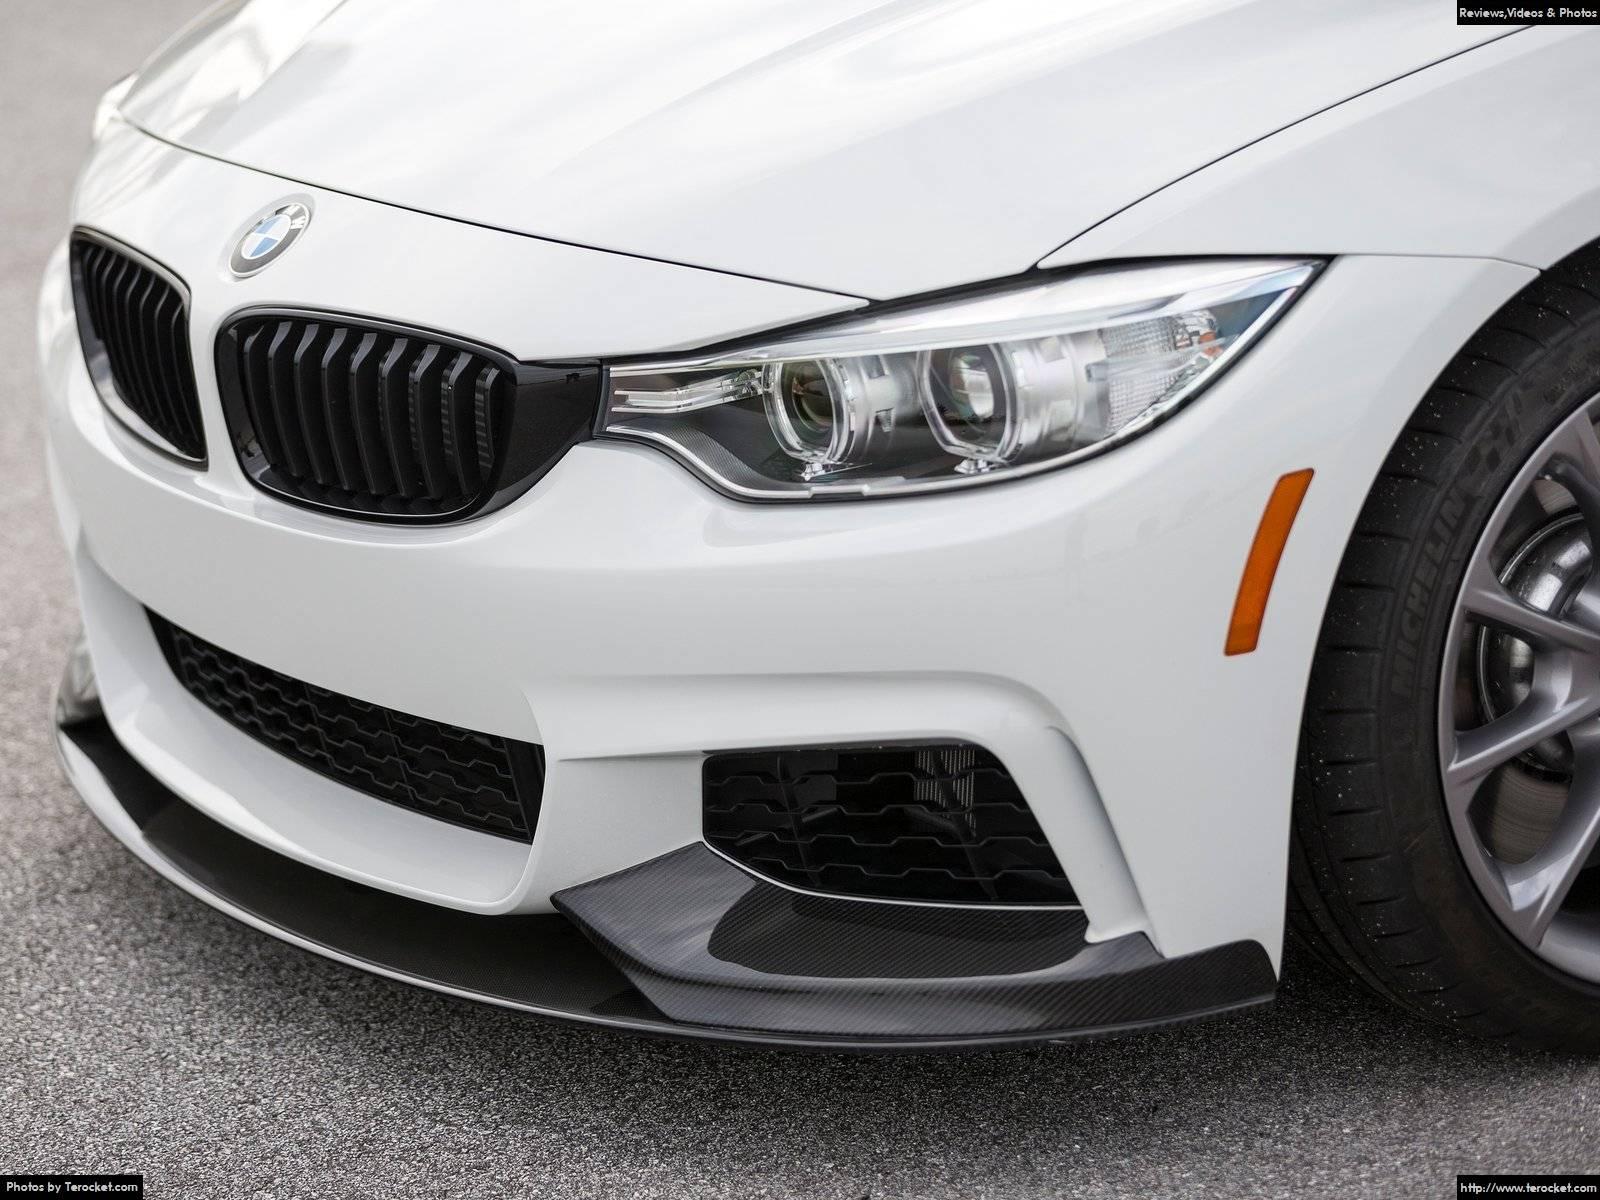 Hình ảnh xe ô tô BMW 435i ZHP Coupe 2016 & nội ngoại thất